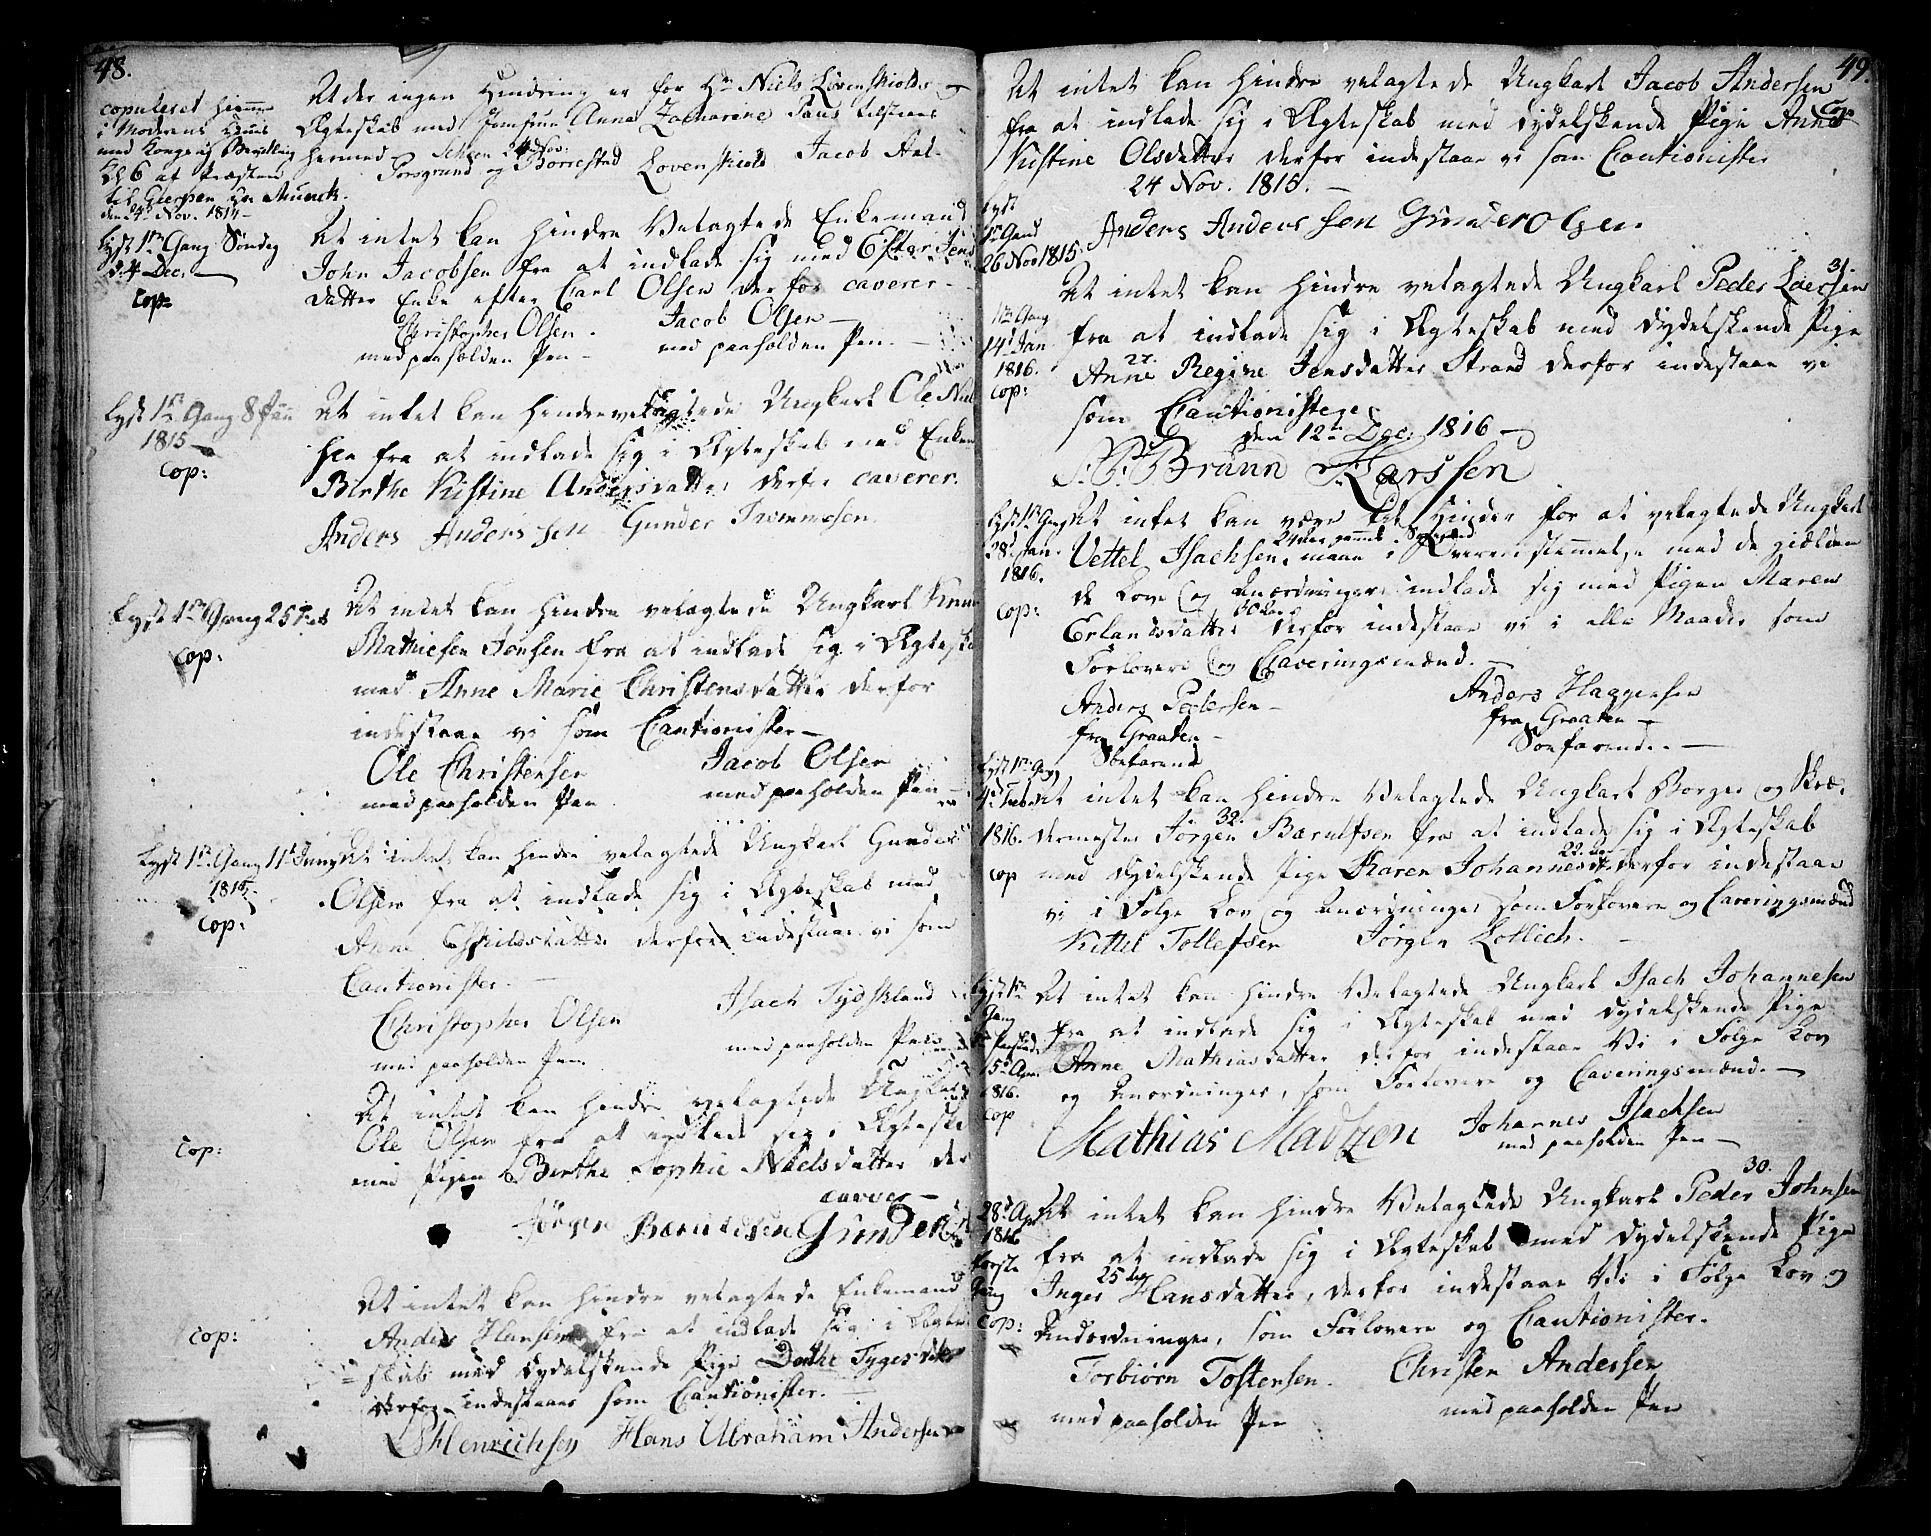 SAKO, Skien kirkebøker, F/Fa/L0004: Ministerialbok nr. 4, 1792-1814, s. 48-49